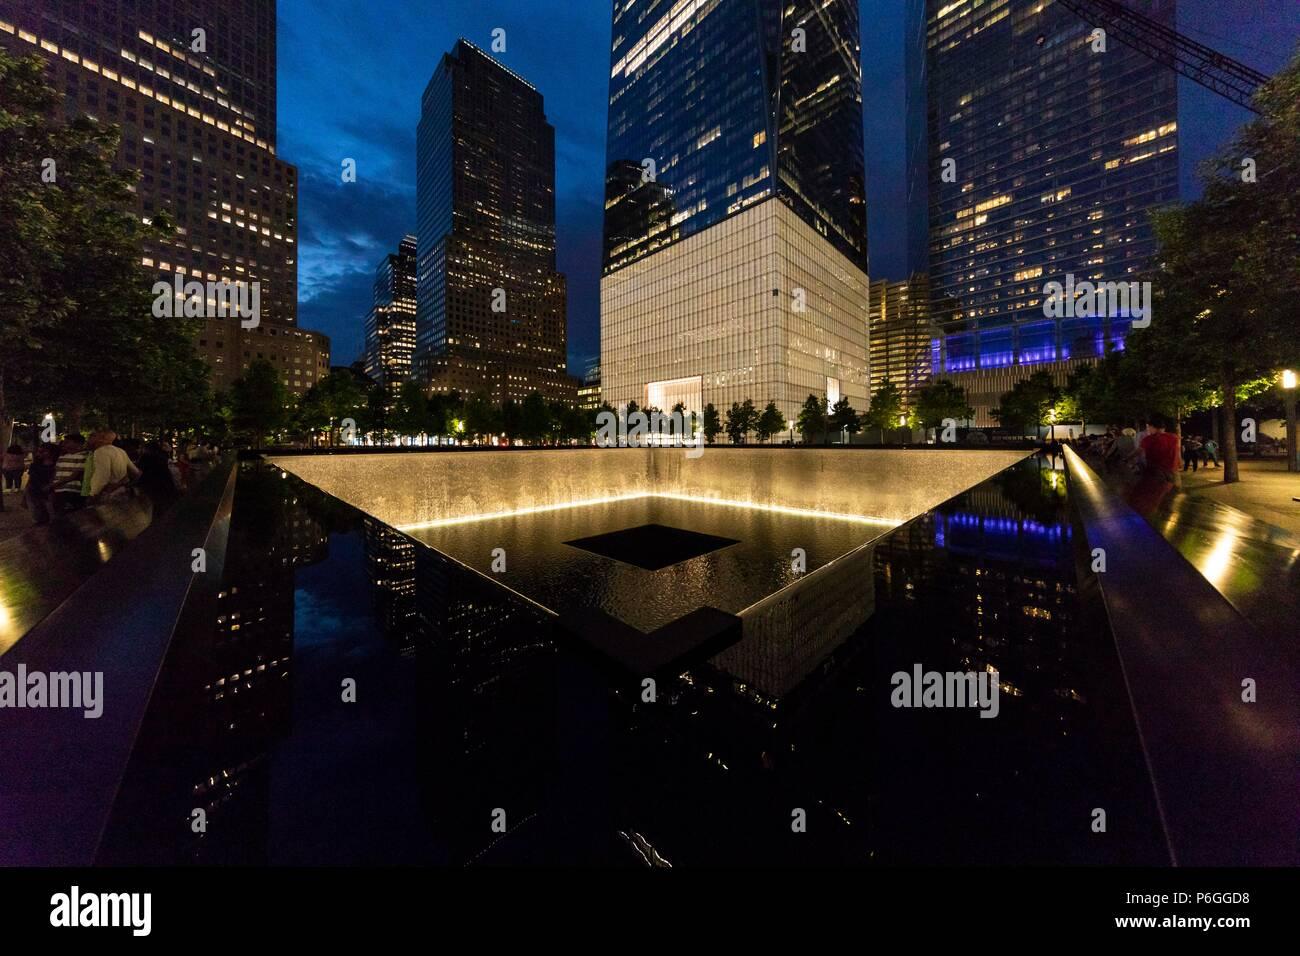 9/11 Memorial. World Trade Center. La Ciudad de Nueva York, EE.UU. Imagen De Stock